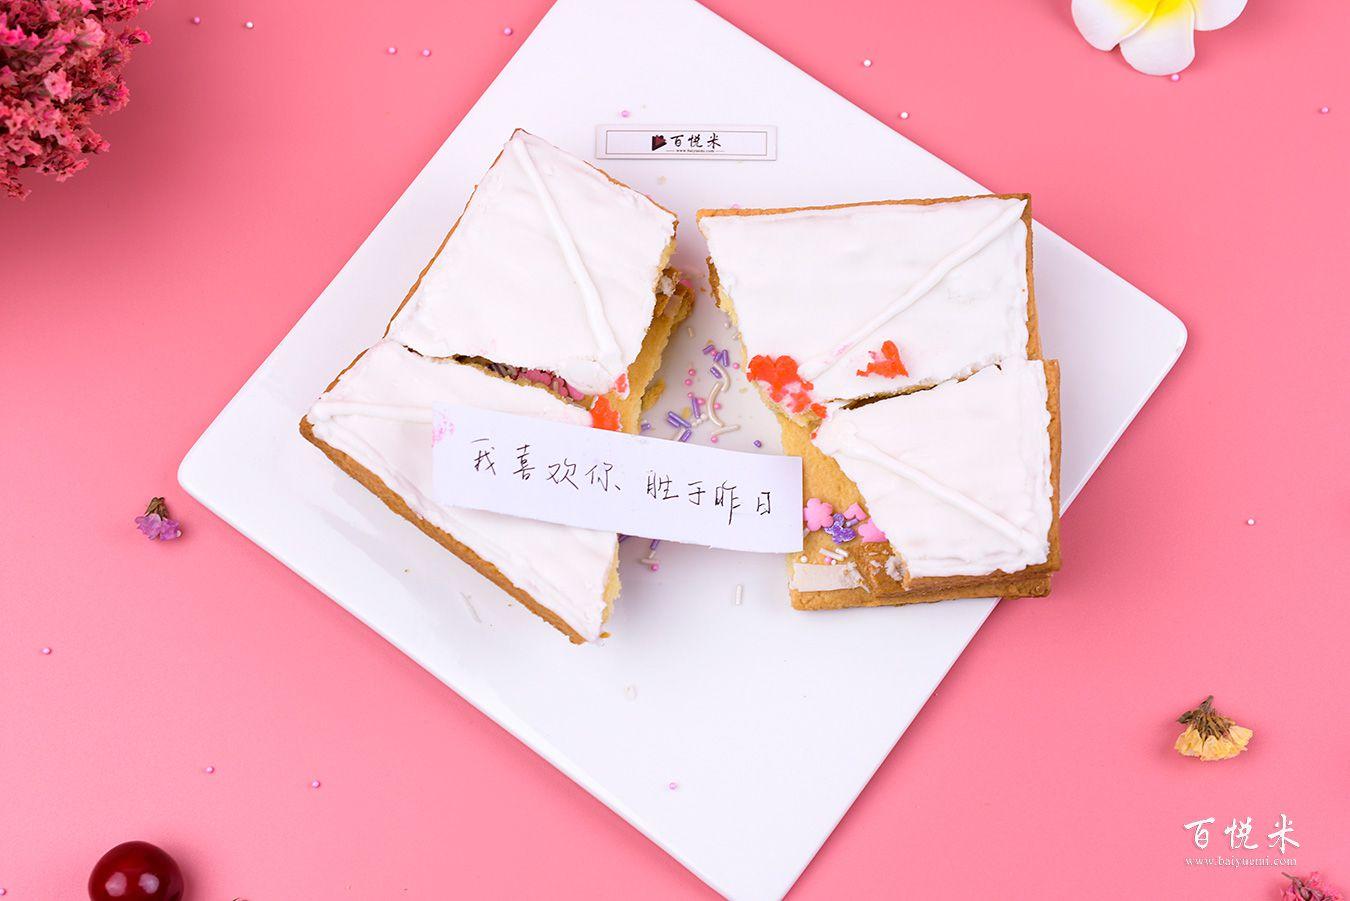 520糖霜饼干高清图片大全【蛋糕图片】_732